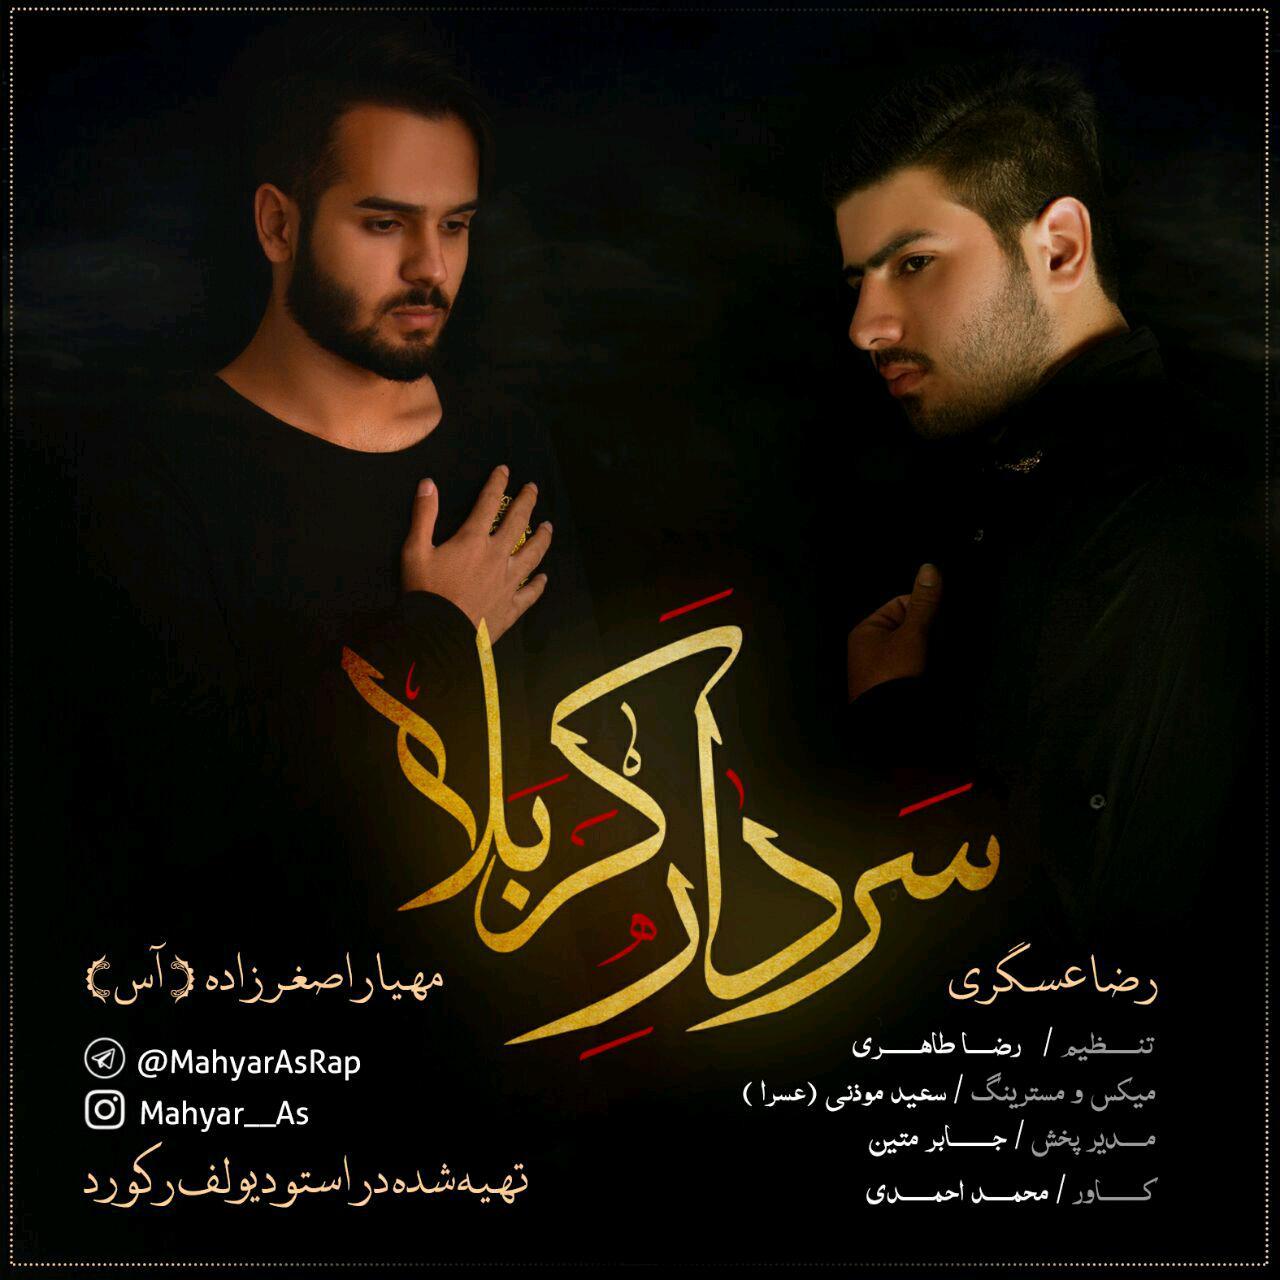 دانلود آهنگ جدید مهیار اصغرزاده (آس) و رضا عسگری به نام سردار کربلا